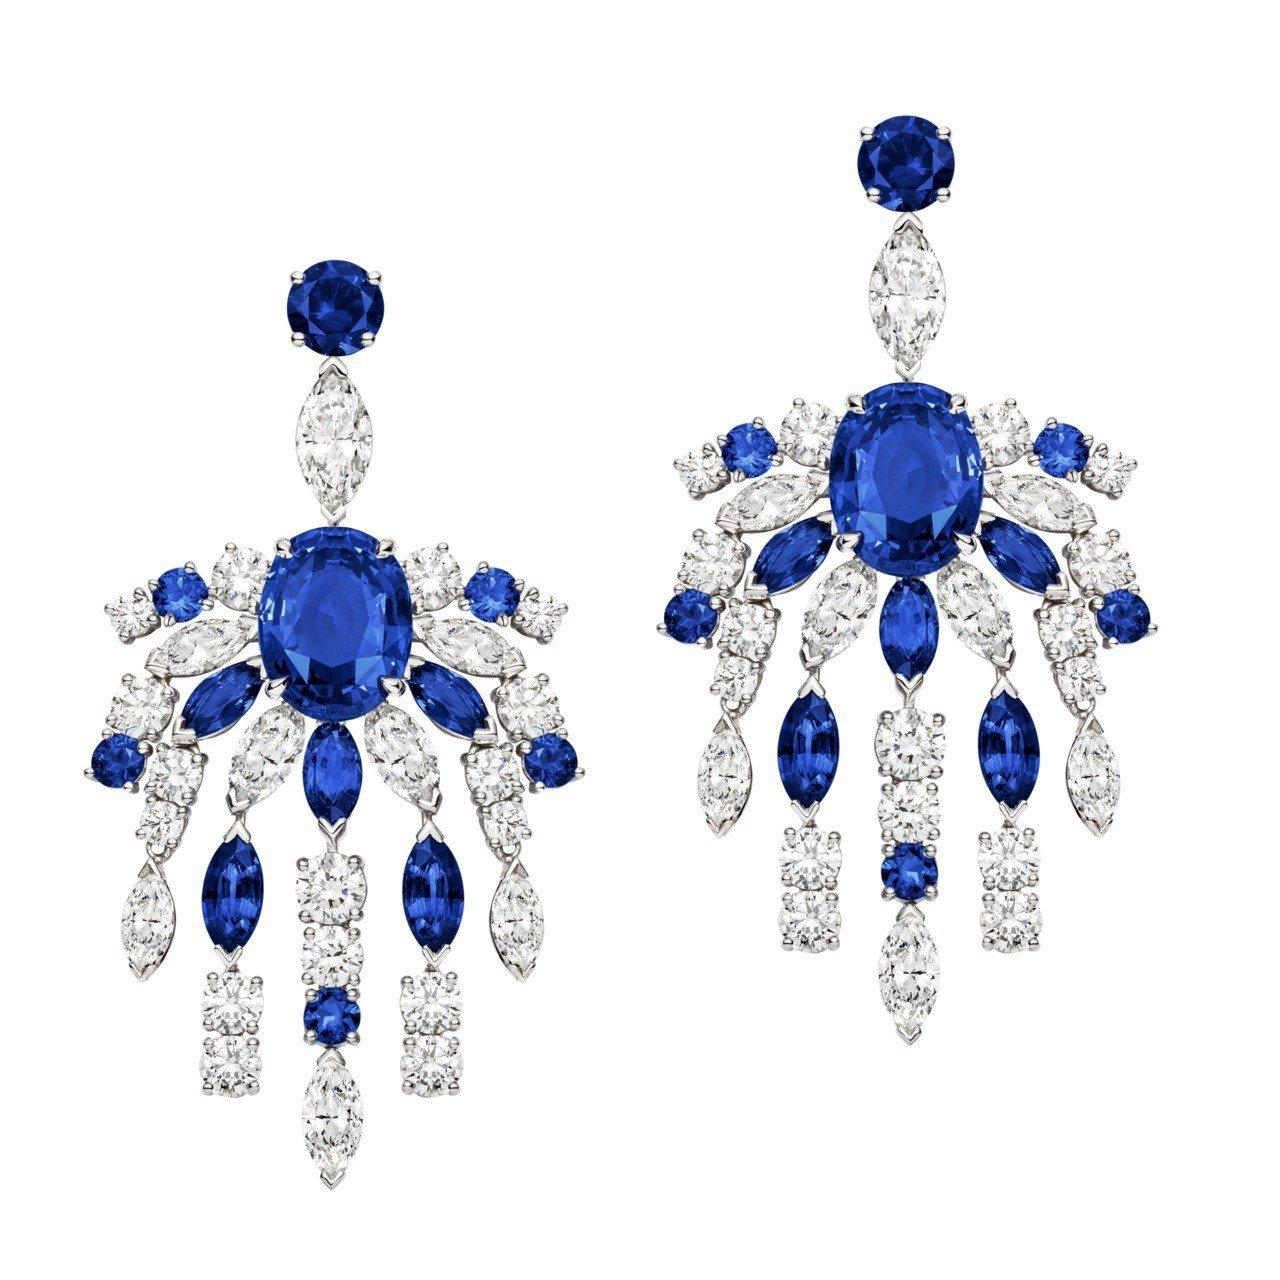 張榕容配戴PIAGET Extremely Piaget高級珠寶藍寶石鑲鑽耳環,...